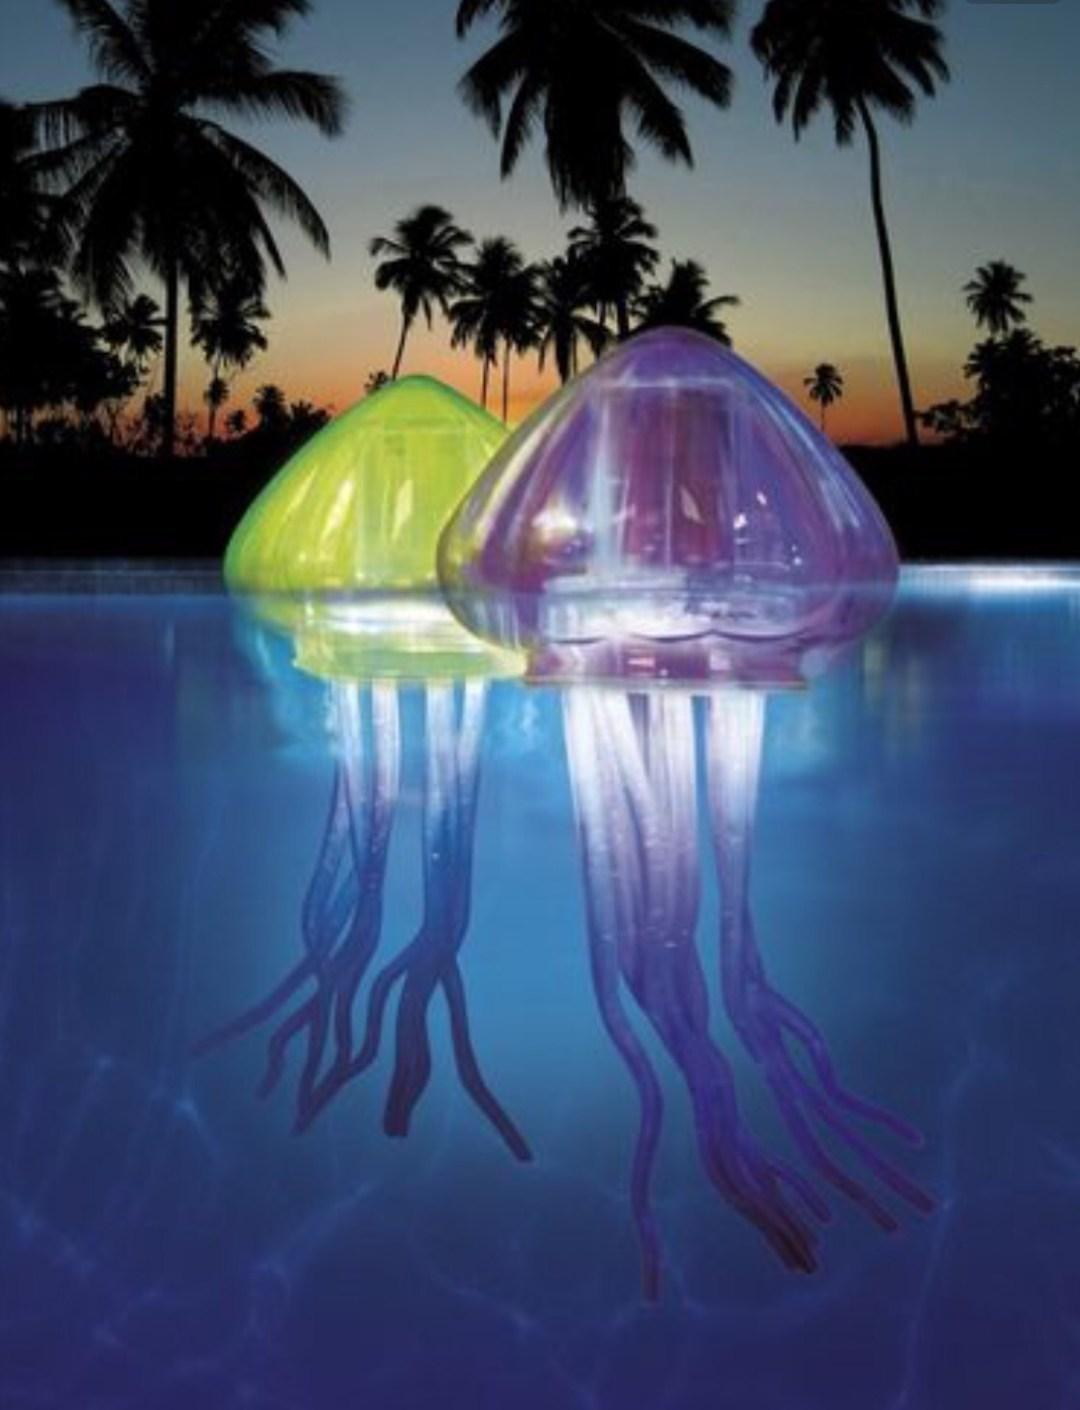 great pool floats - OHIMP